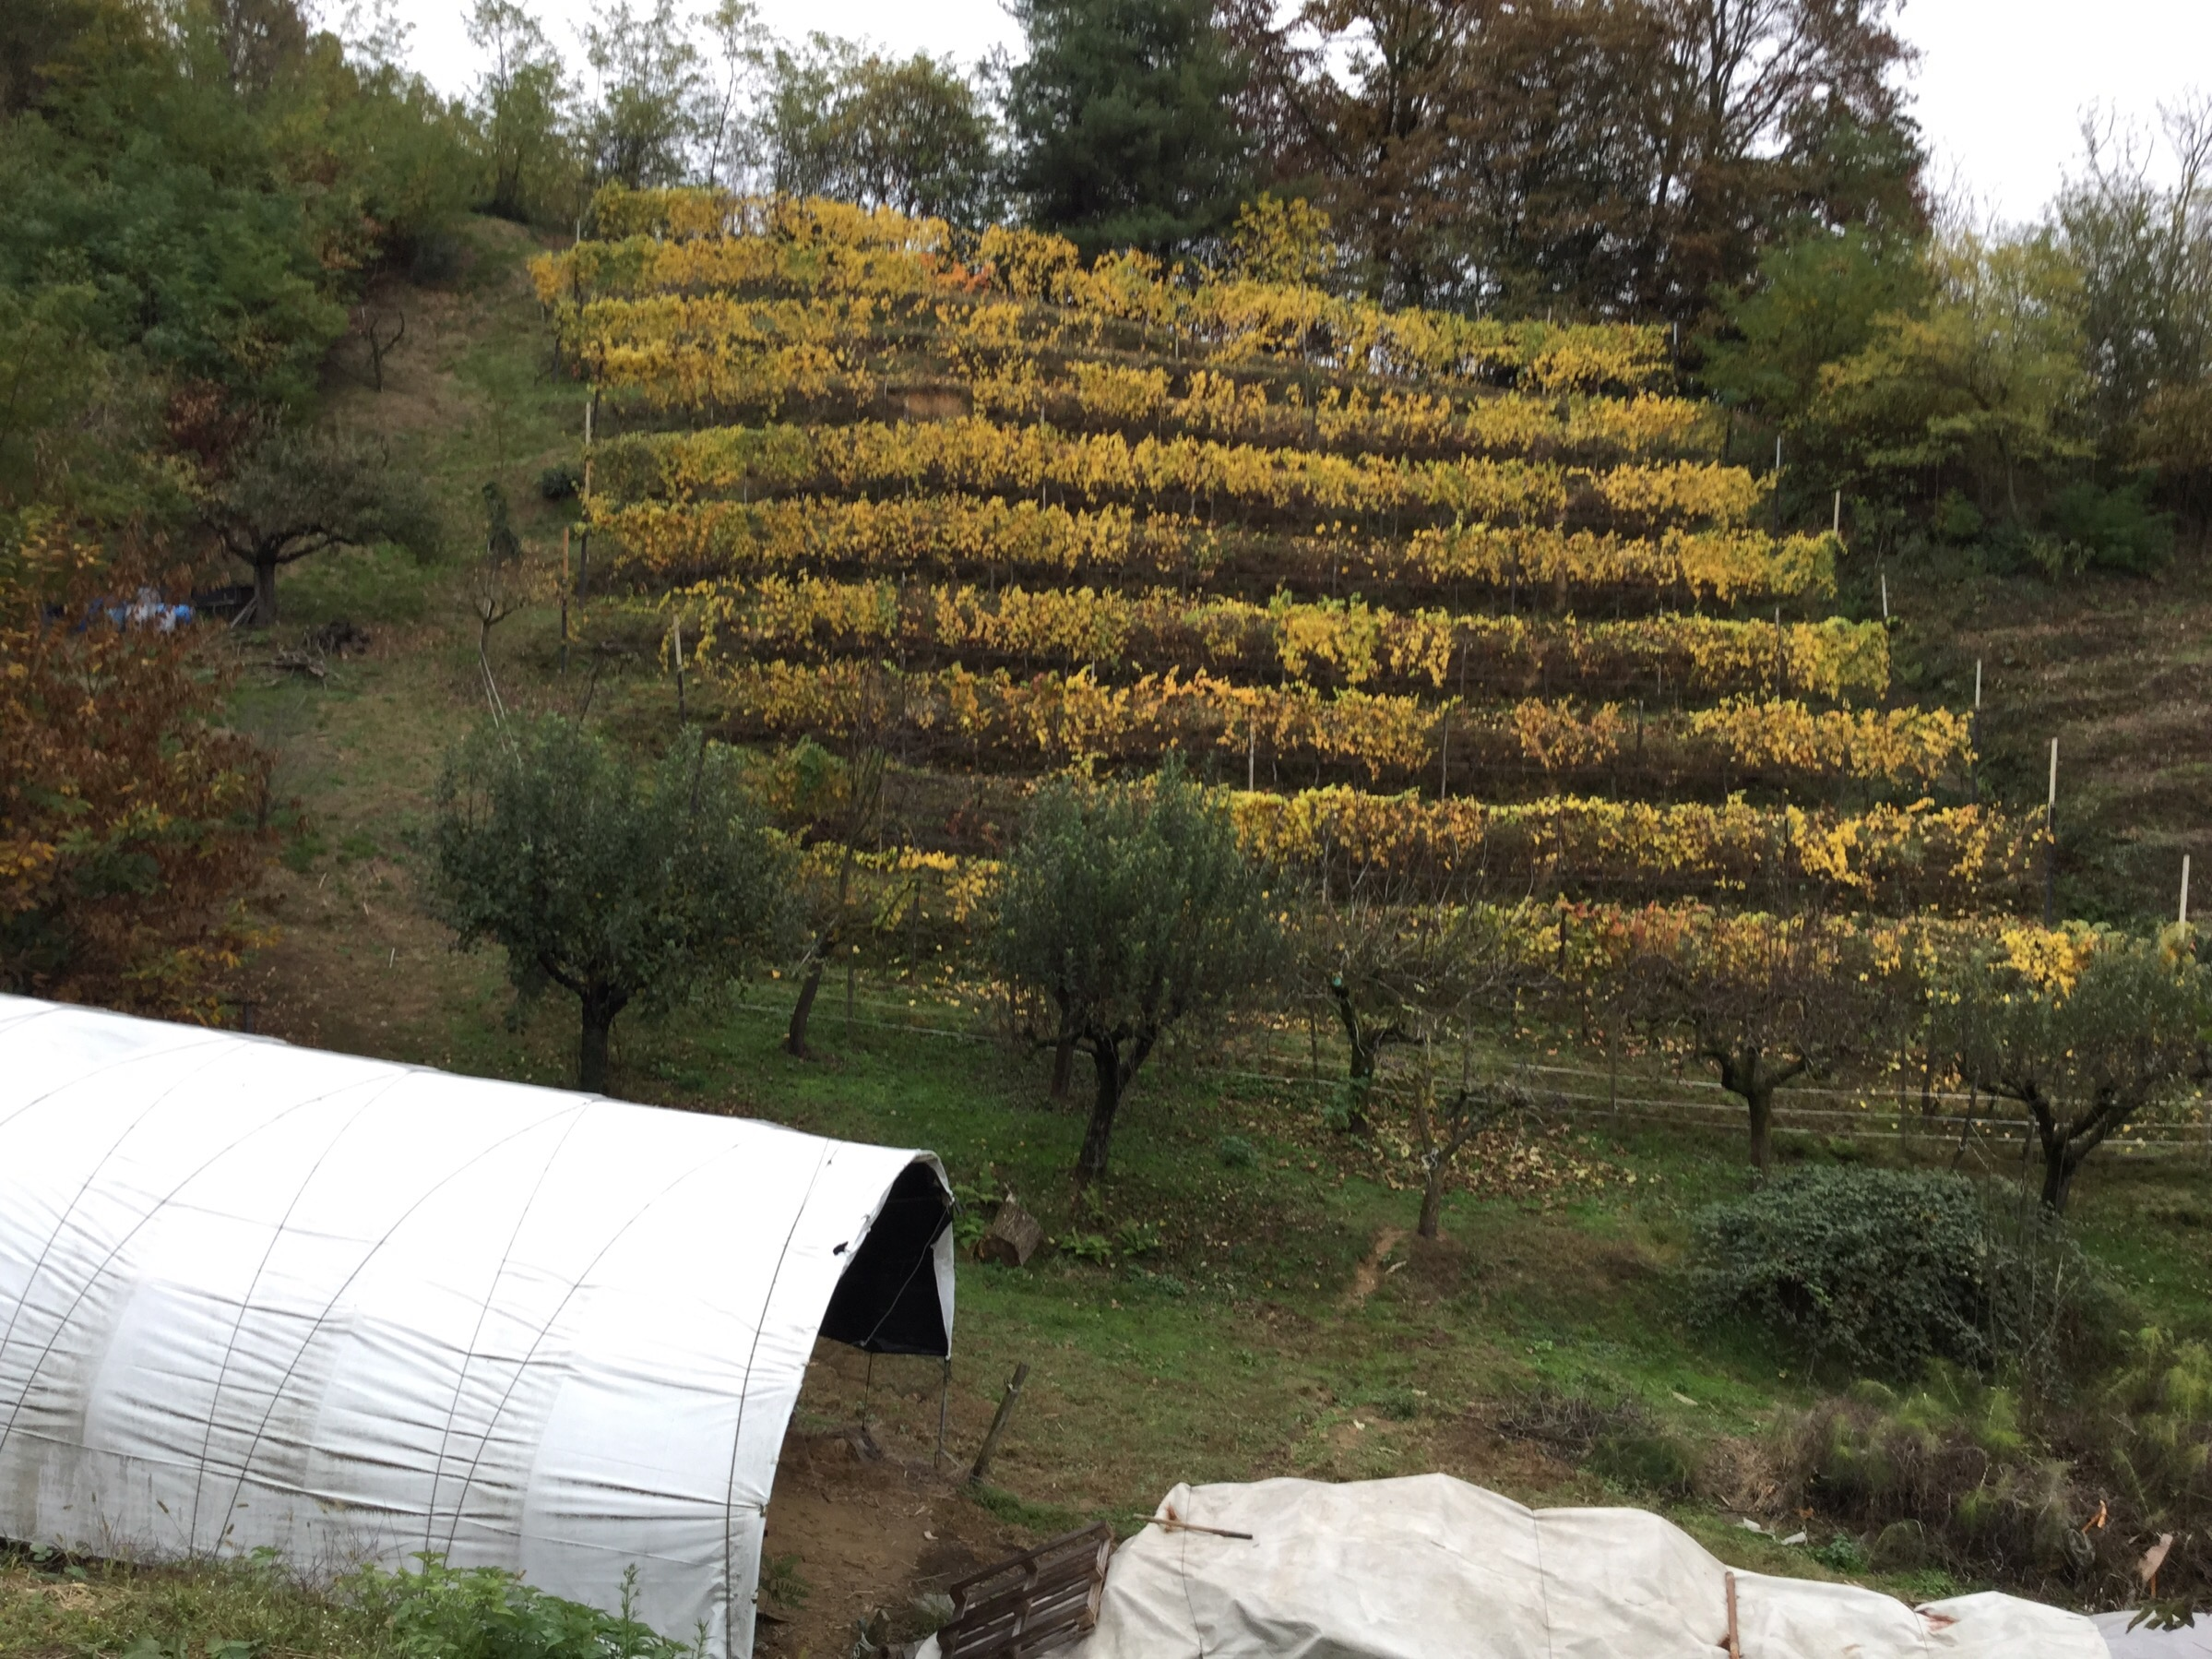 Zambolin Vineyard